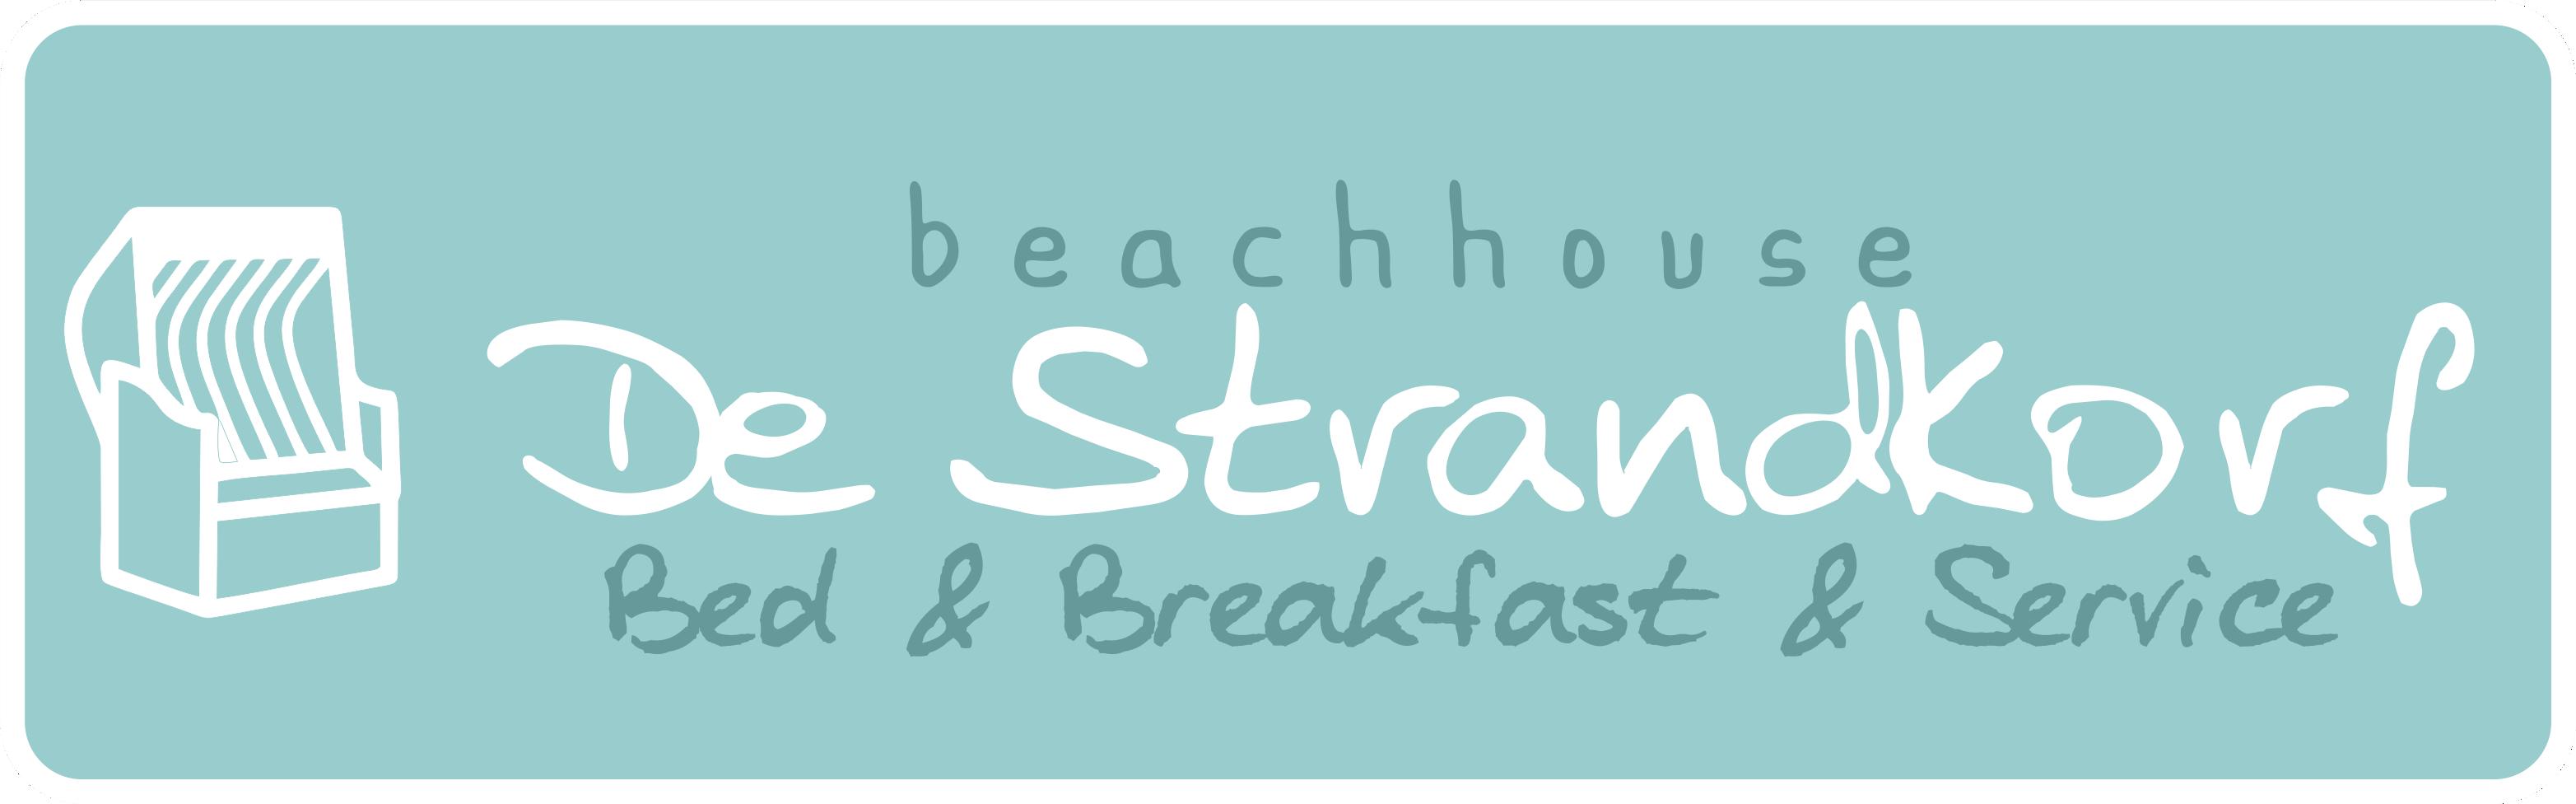 Beachhouse De Strandkorf - logo